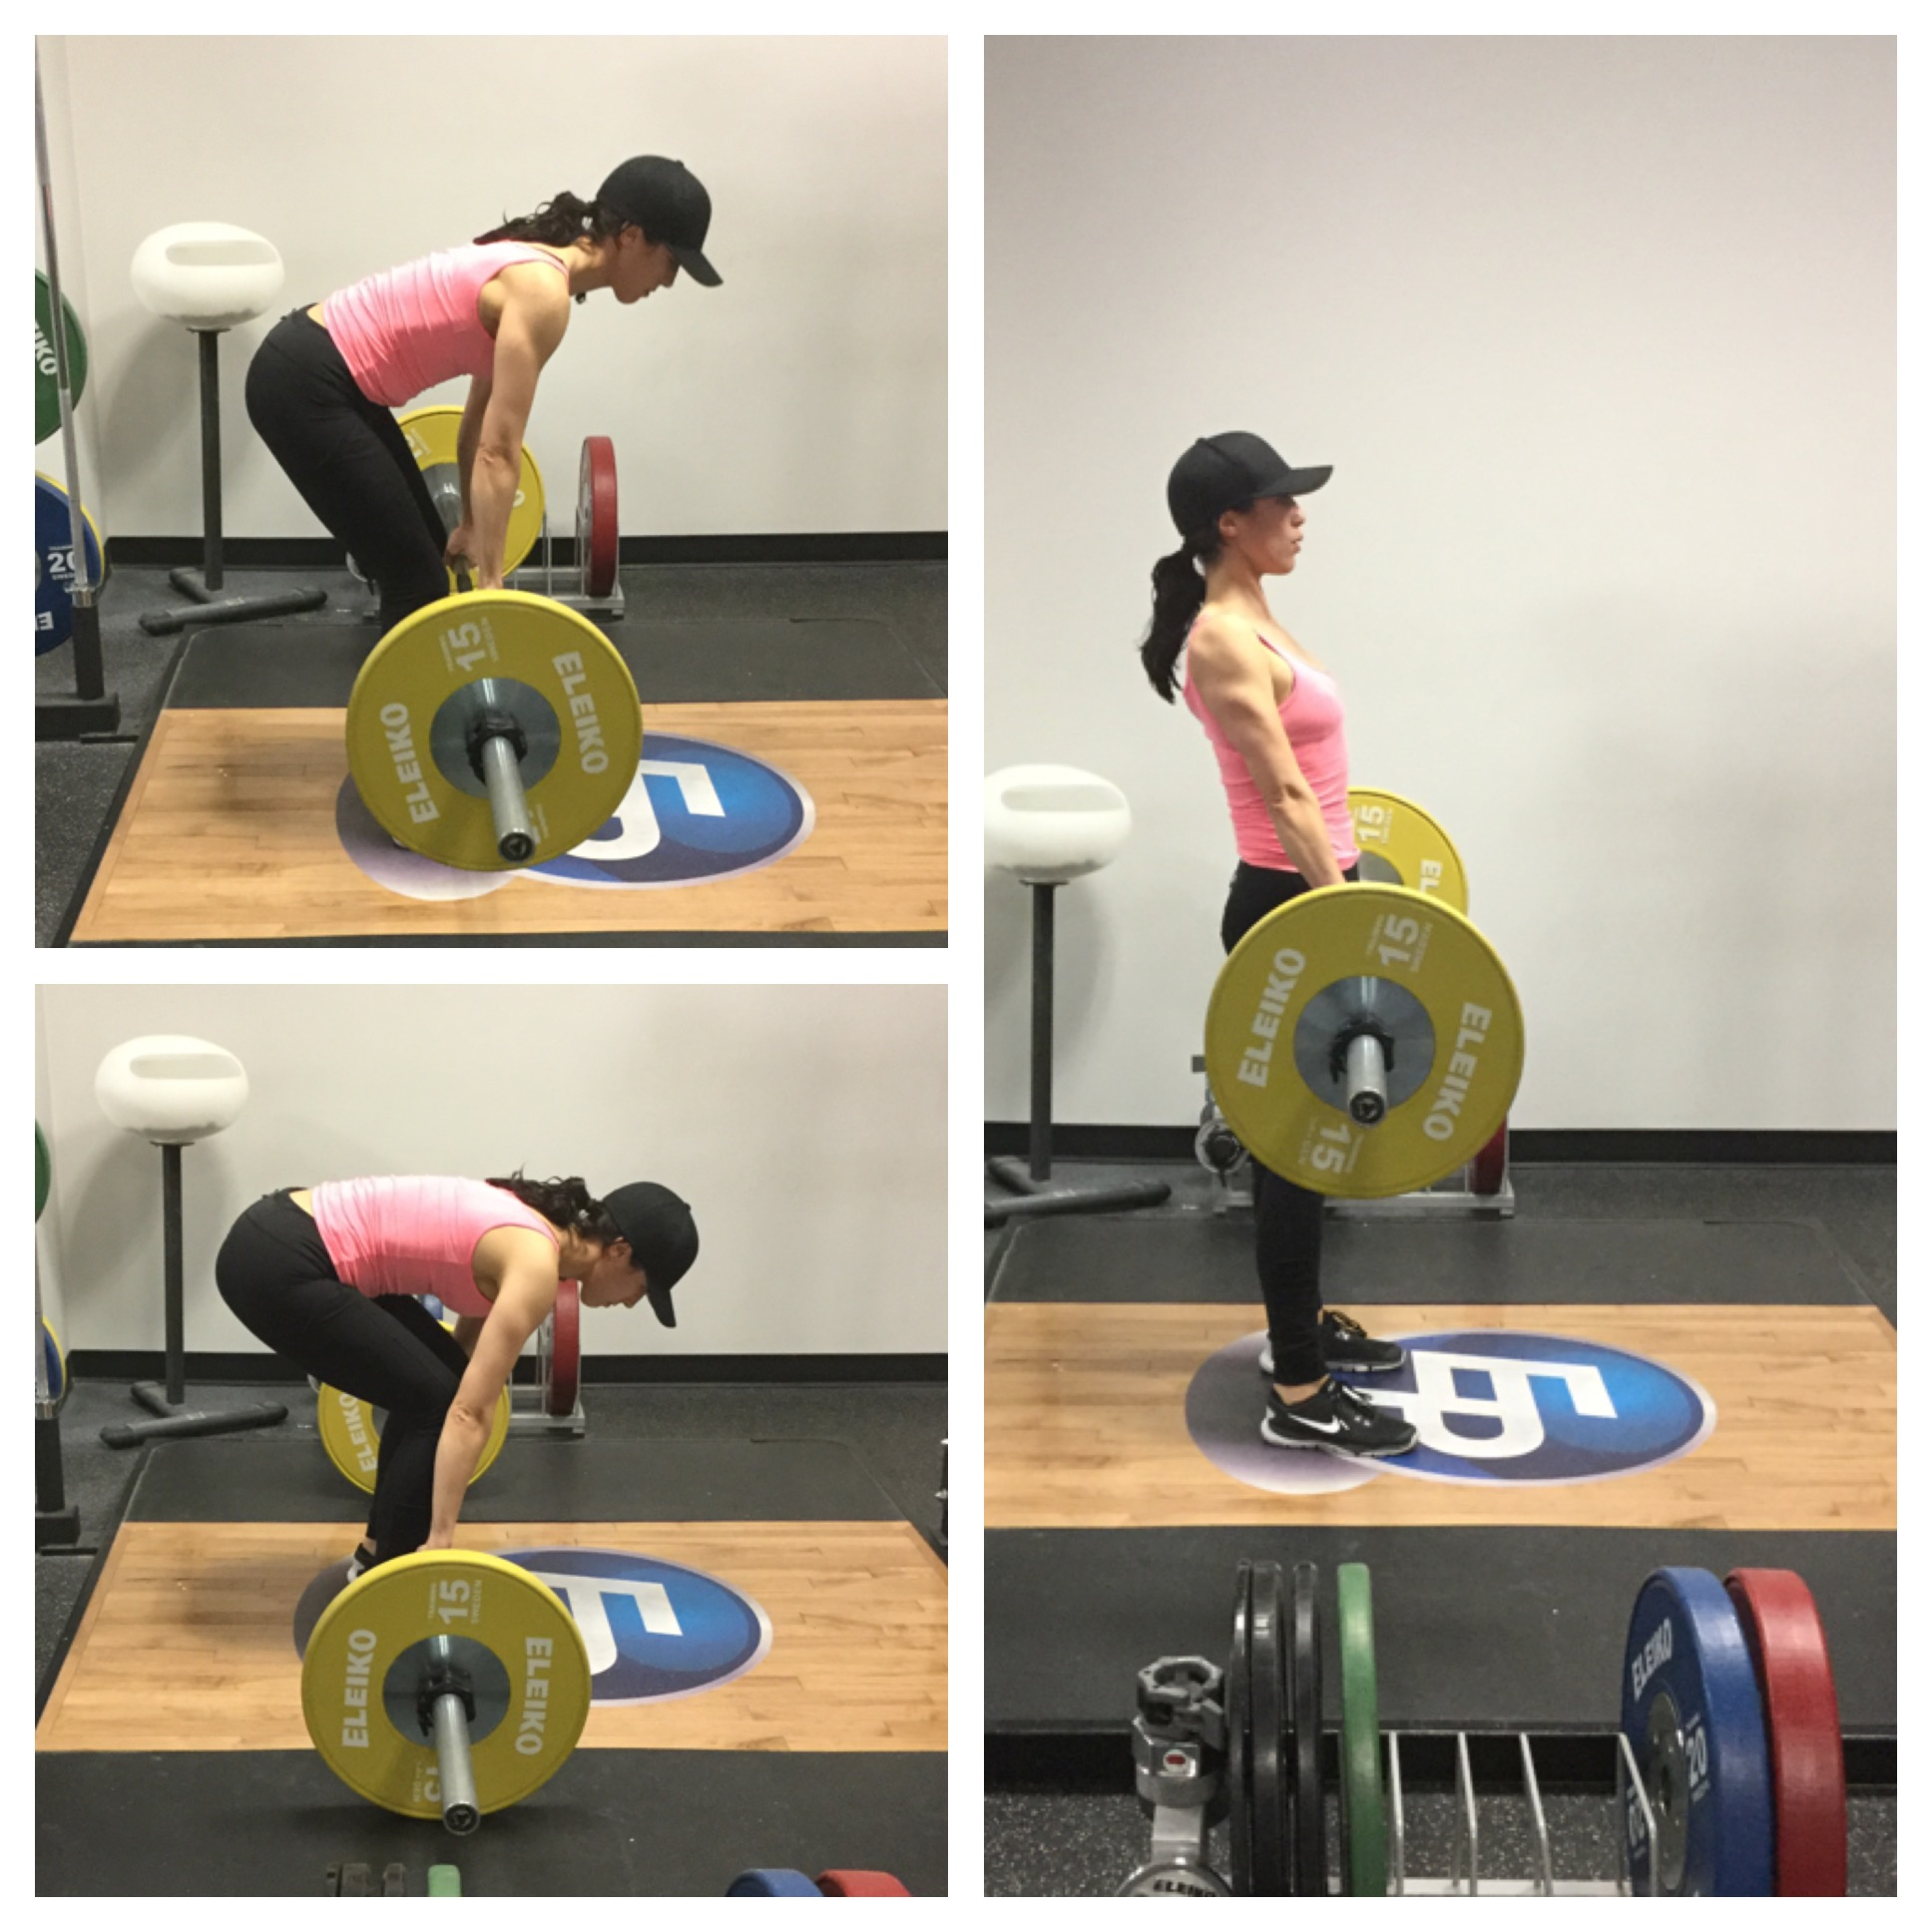 Perform a proper deadlift for total body strengthening   Elite Performance